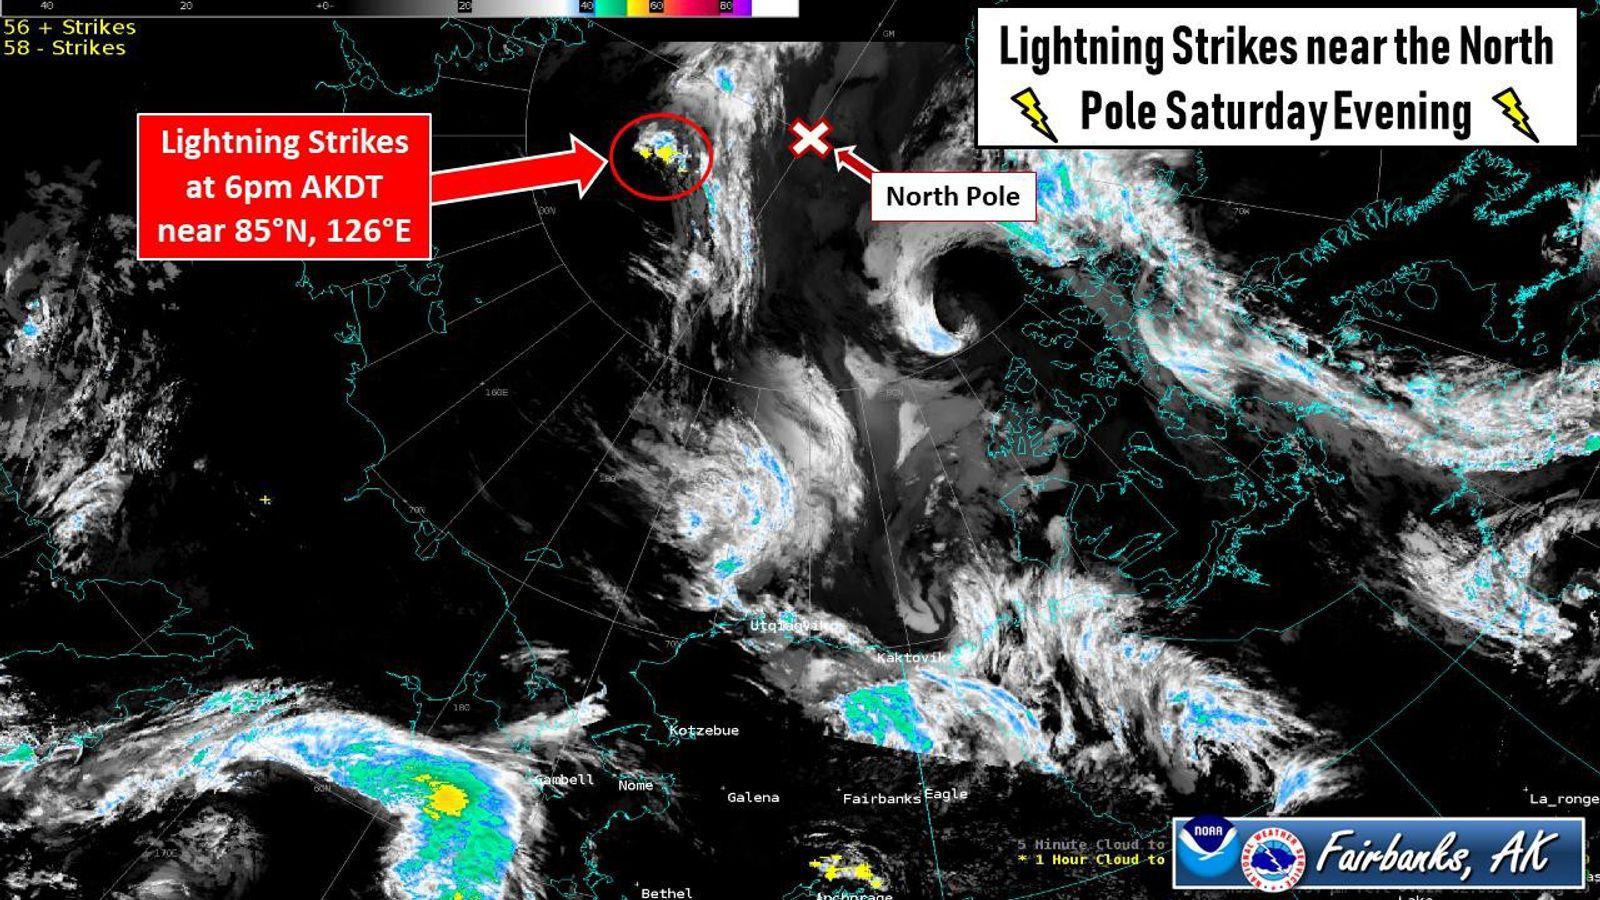 Am Abend des 10. August erfasste ein weltweites Netzwerk zur Wetterüberwachung zahlreiche Blitzeinschläge im Umkreis von ...